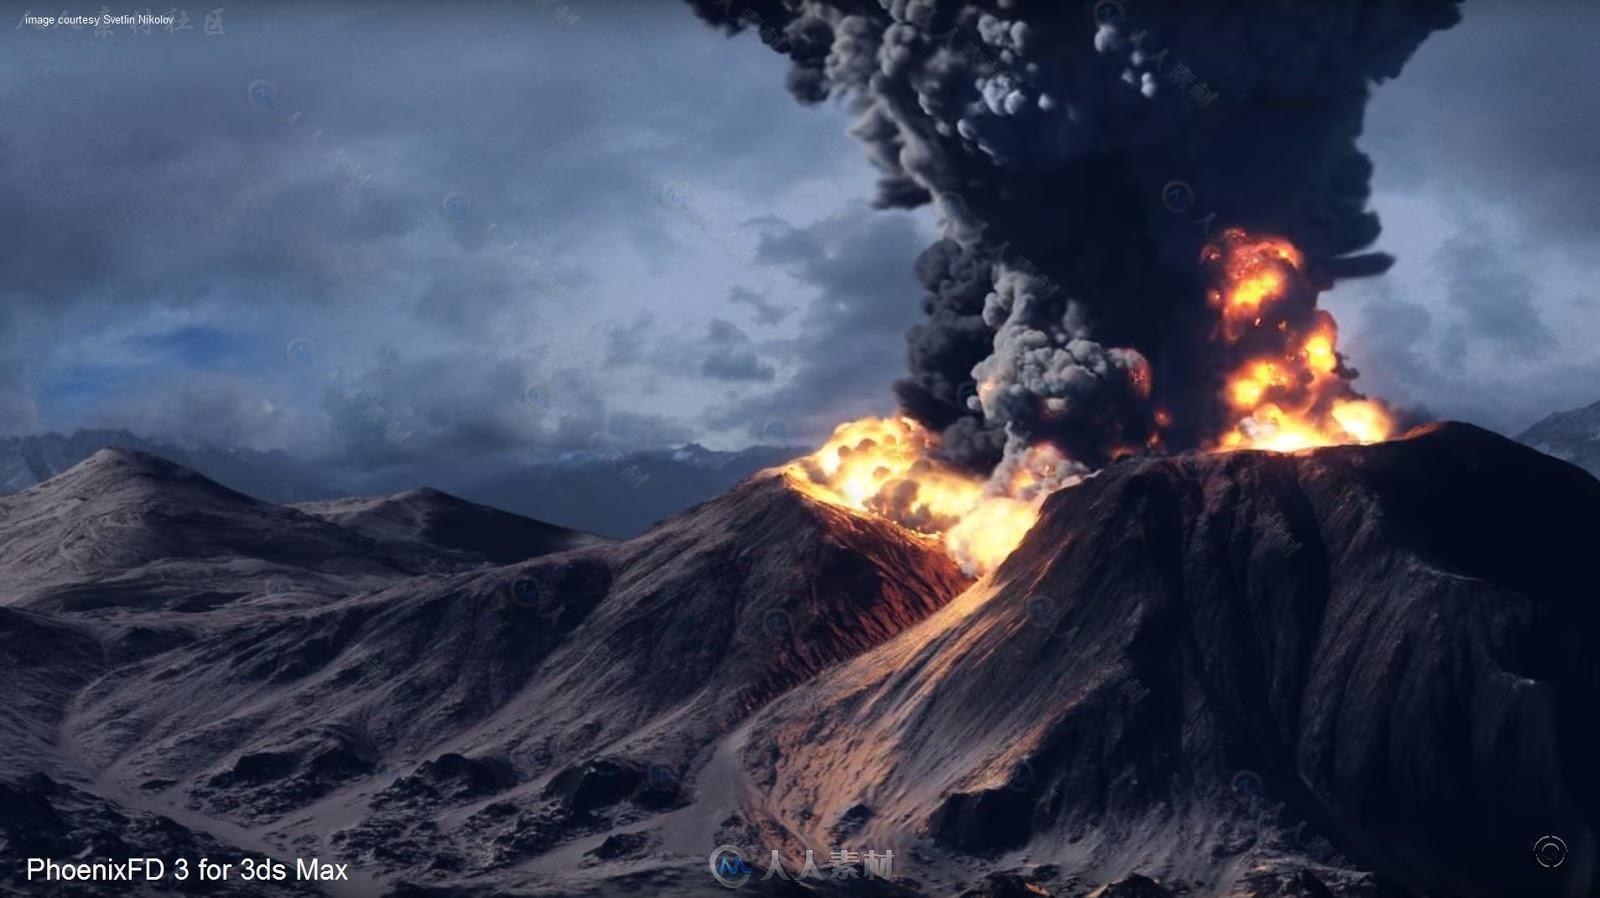 背景 壁纸 风景 火山 游戏截图 桌面 1600_898